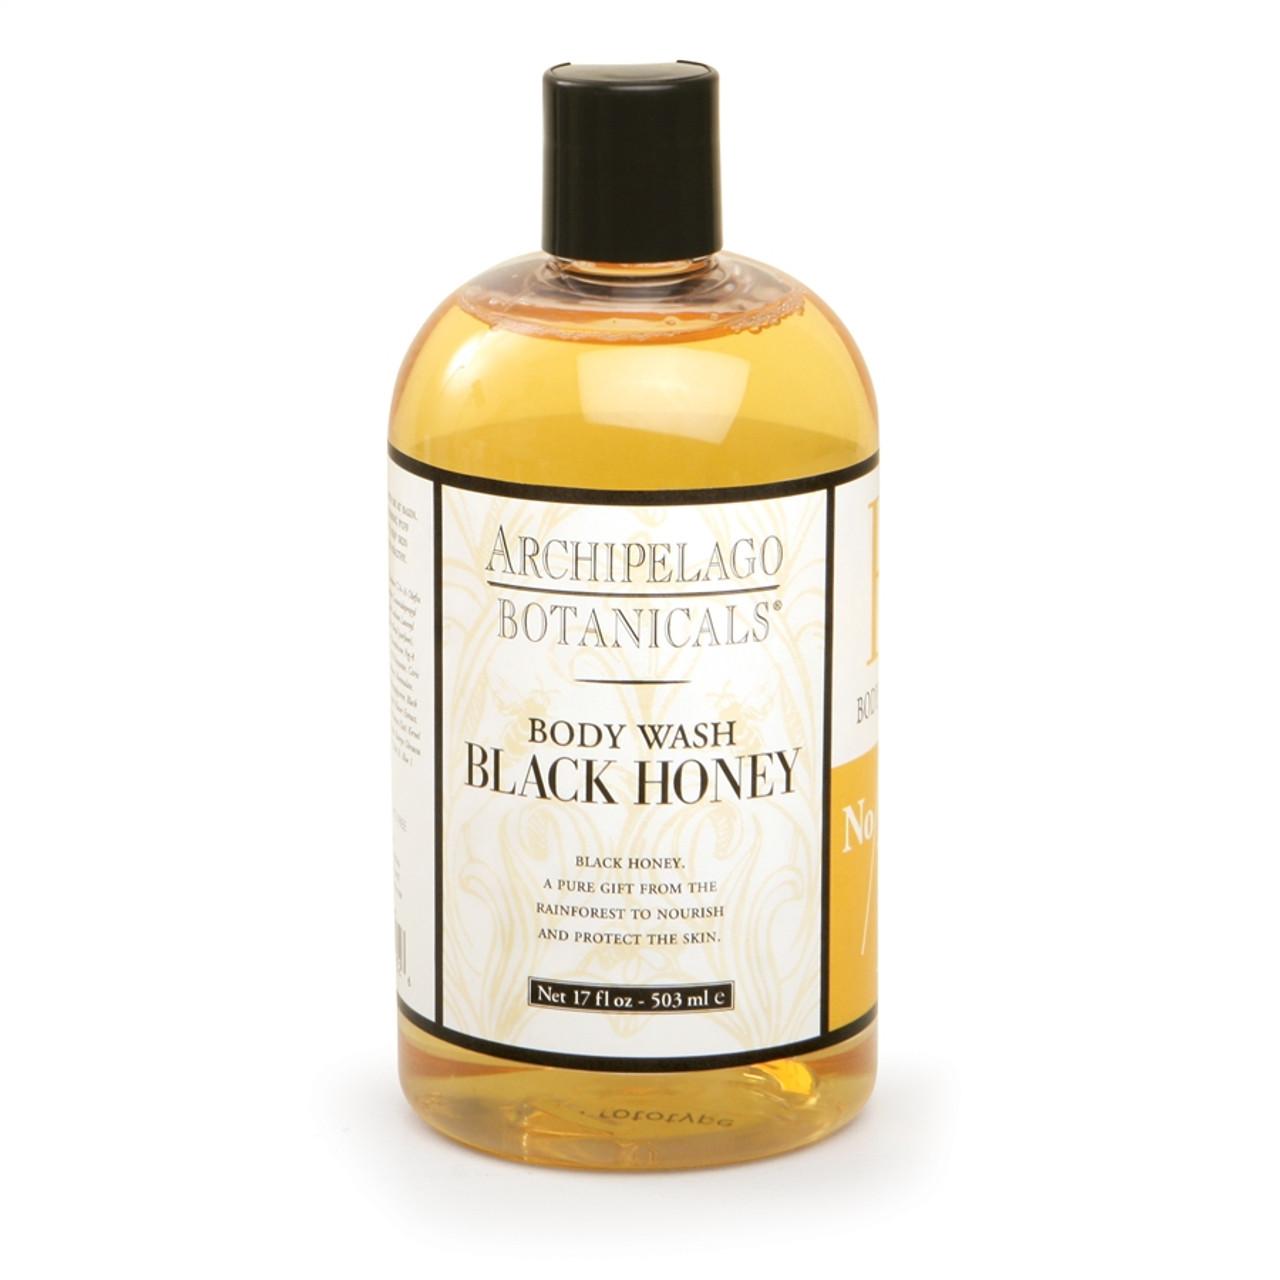 Archipelago Black Honey Body Wash 17 oz